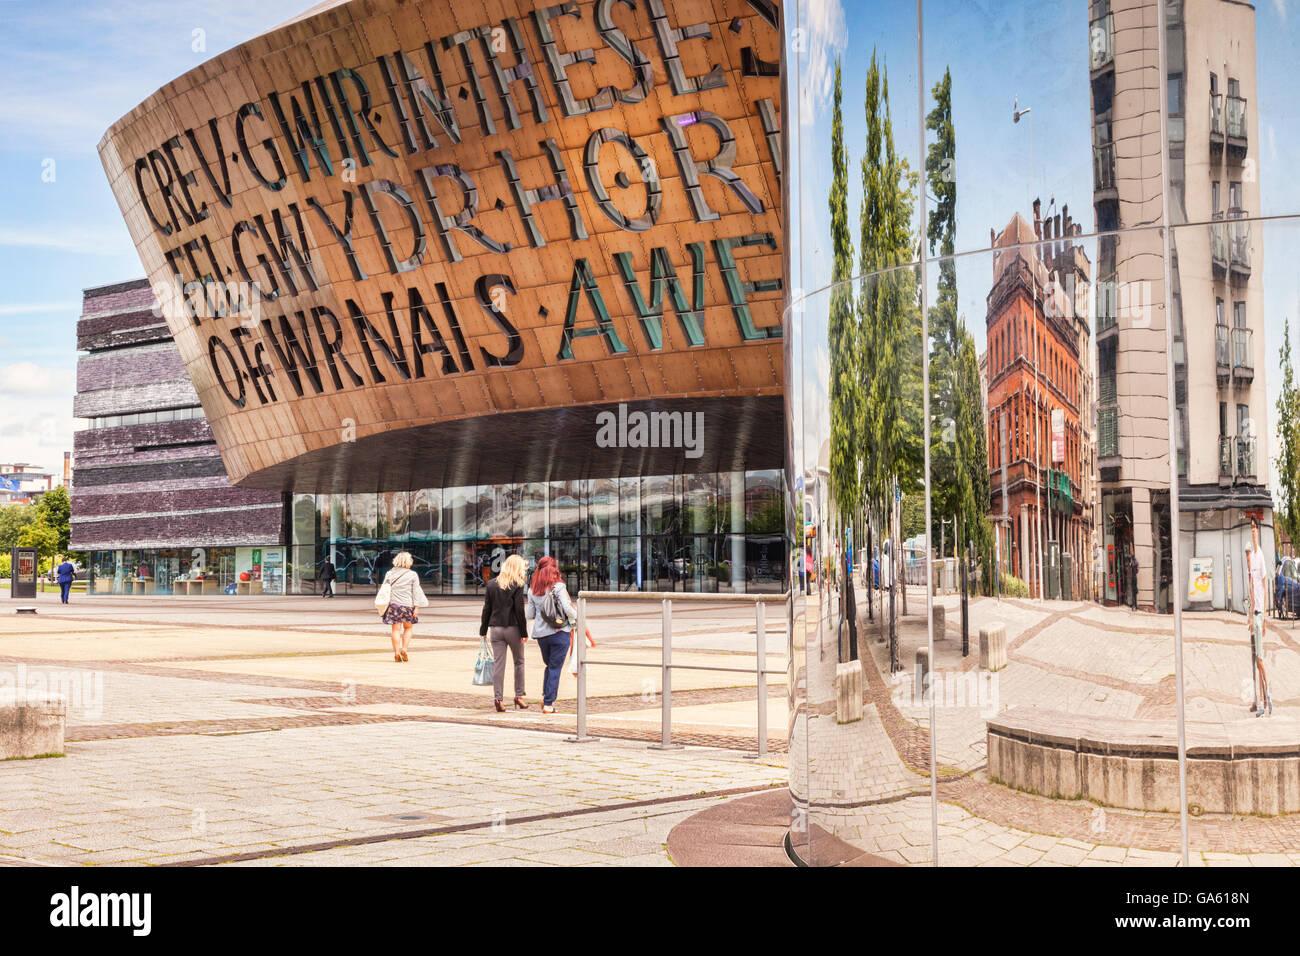 27 Juin 2016: Cardiff, Pays de Galles - Roald Dahl Plass avec le Wales Millennium Centre et la Tour de l'eau, Photo Stock